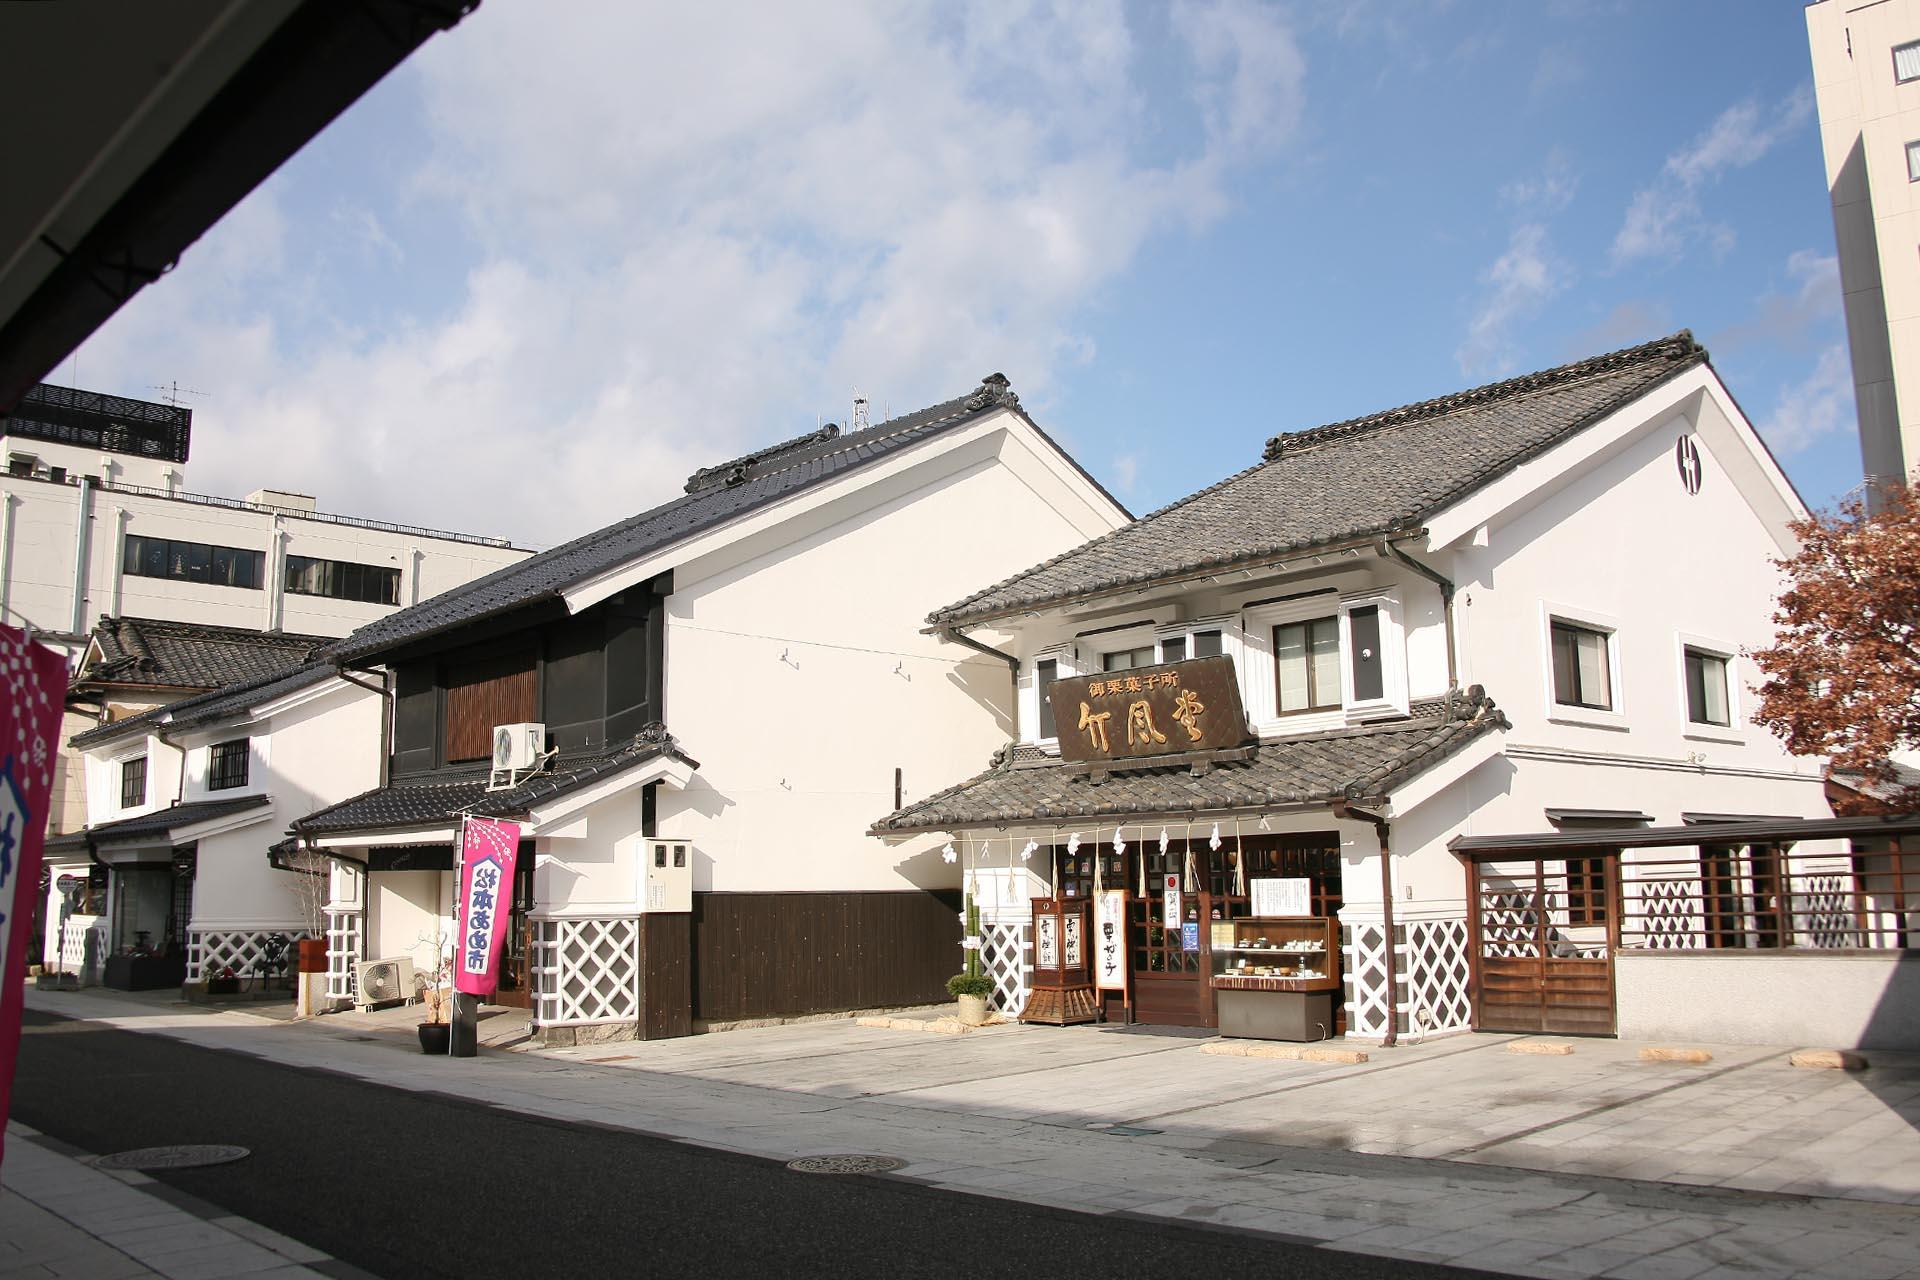 日本の正月風景 松本市「中町通り」の正月の風景 長野の風景